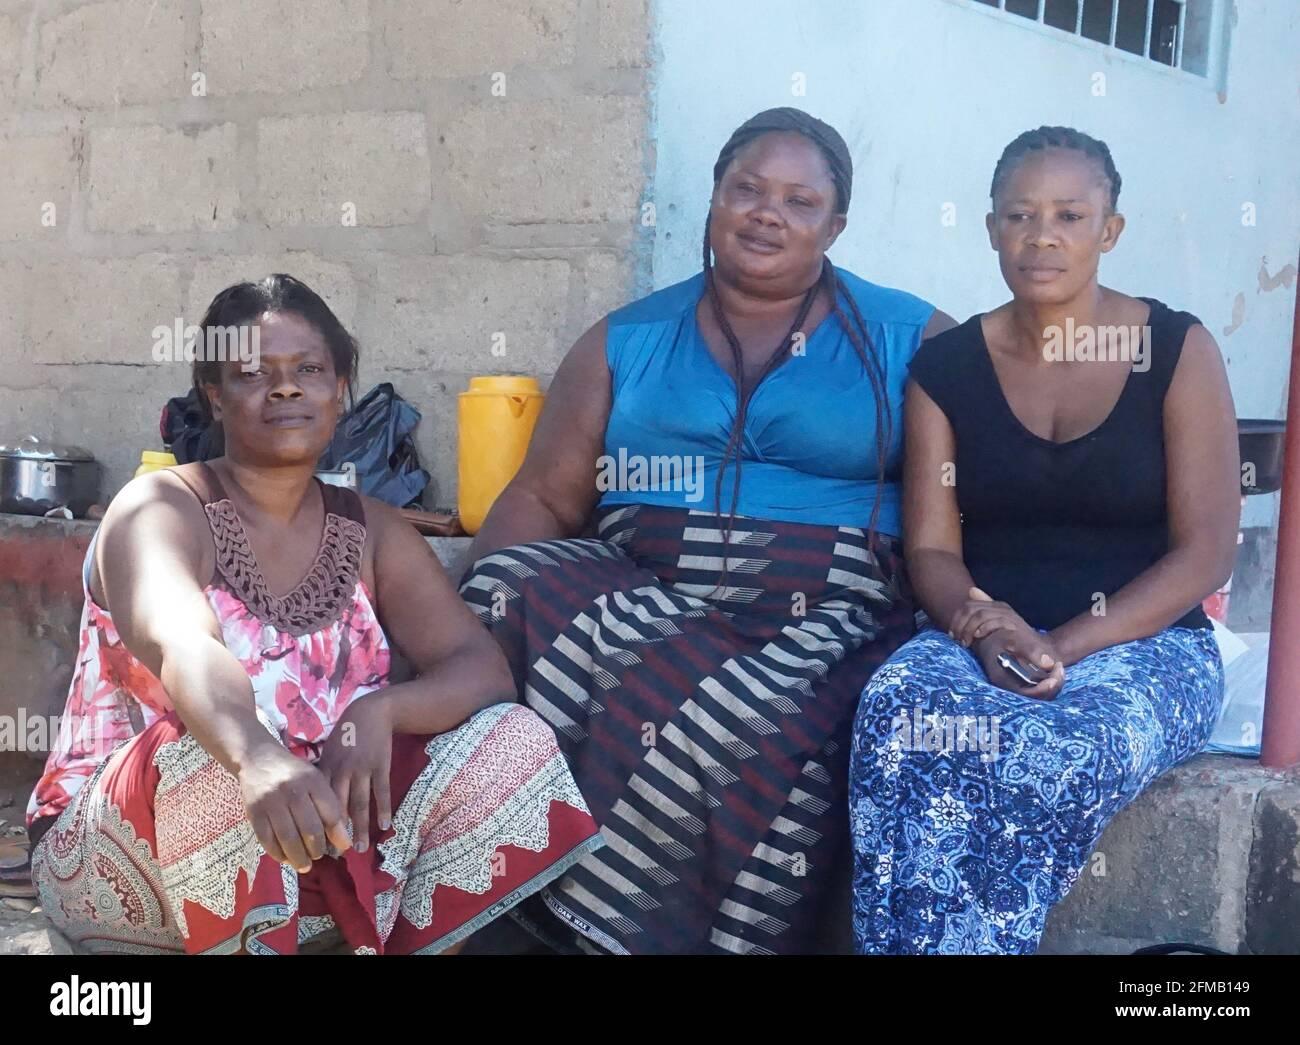 Siavonga, Zambie. 7 mai 2021. Ruth Kubota (L), Nailes Munga (C) et Mary Moonga, promoteurs de l'éducation des filles, sont vues dans la ville touristique de Siavonga, dans le sud de la Zambie, le 1er mai 2021. Crédit : Lillian Banda/Xinhua/Alay Live News Banque D'Images